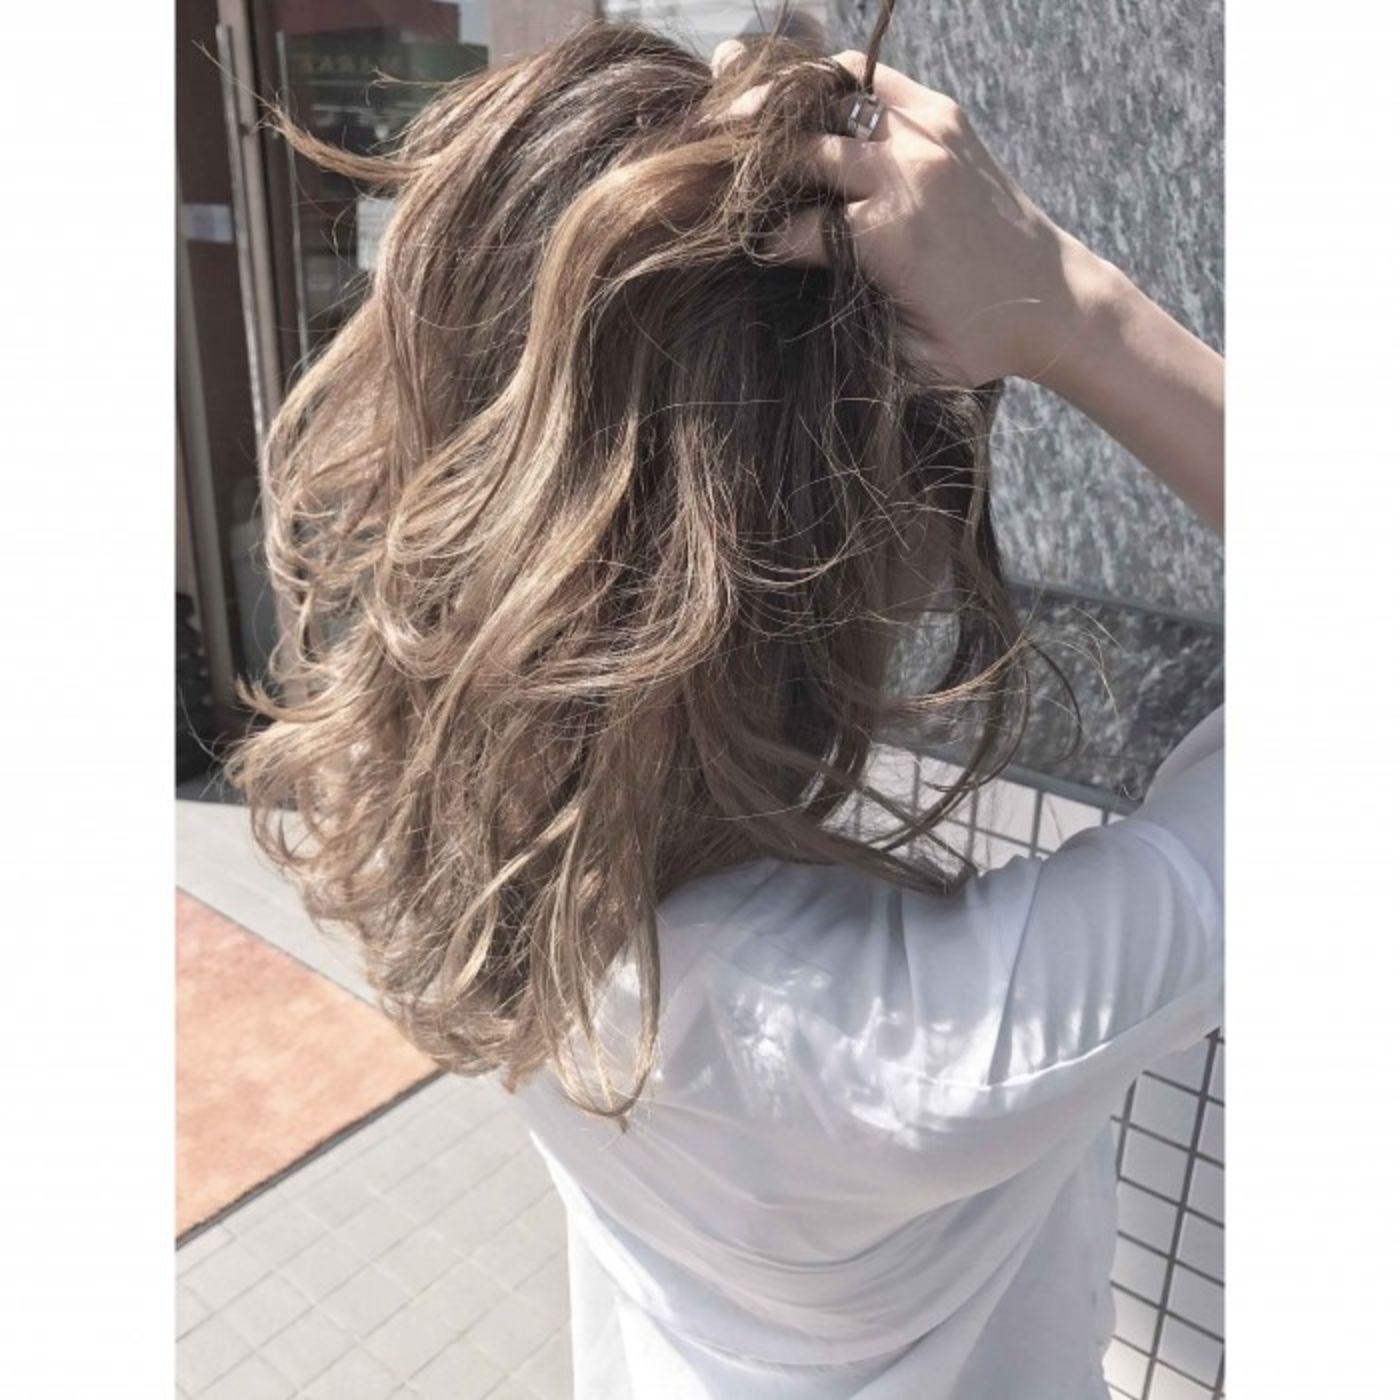 ■活用例③ 髪のダメージに考慮しながら、ダブルカラー